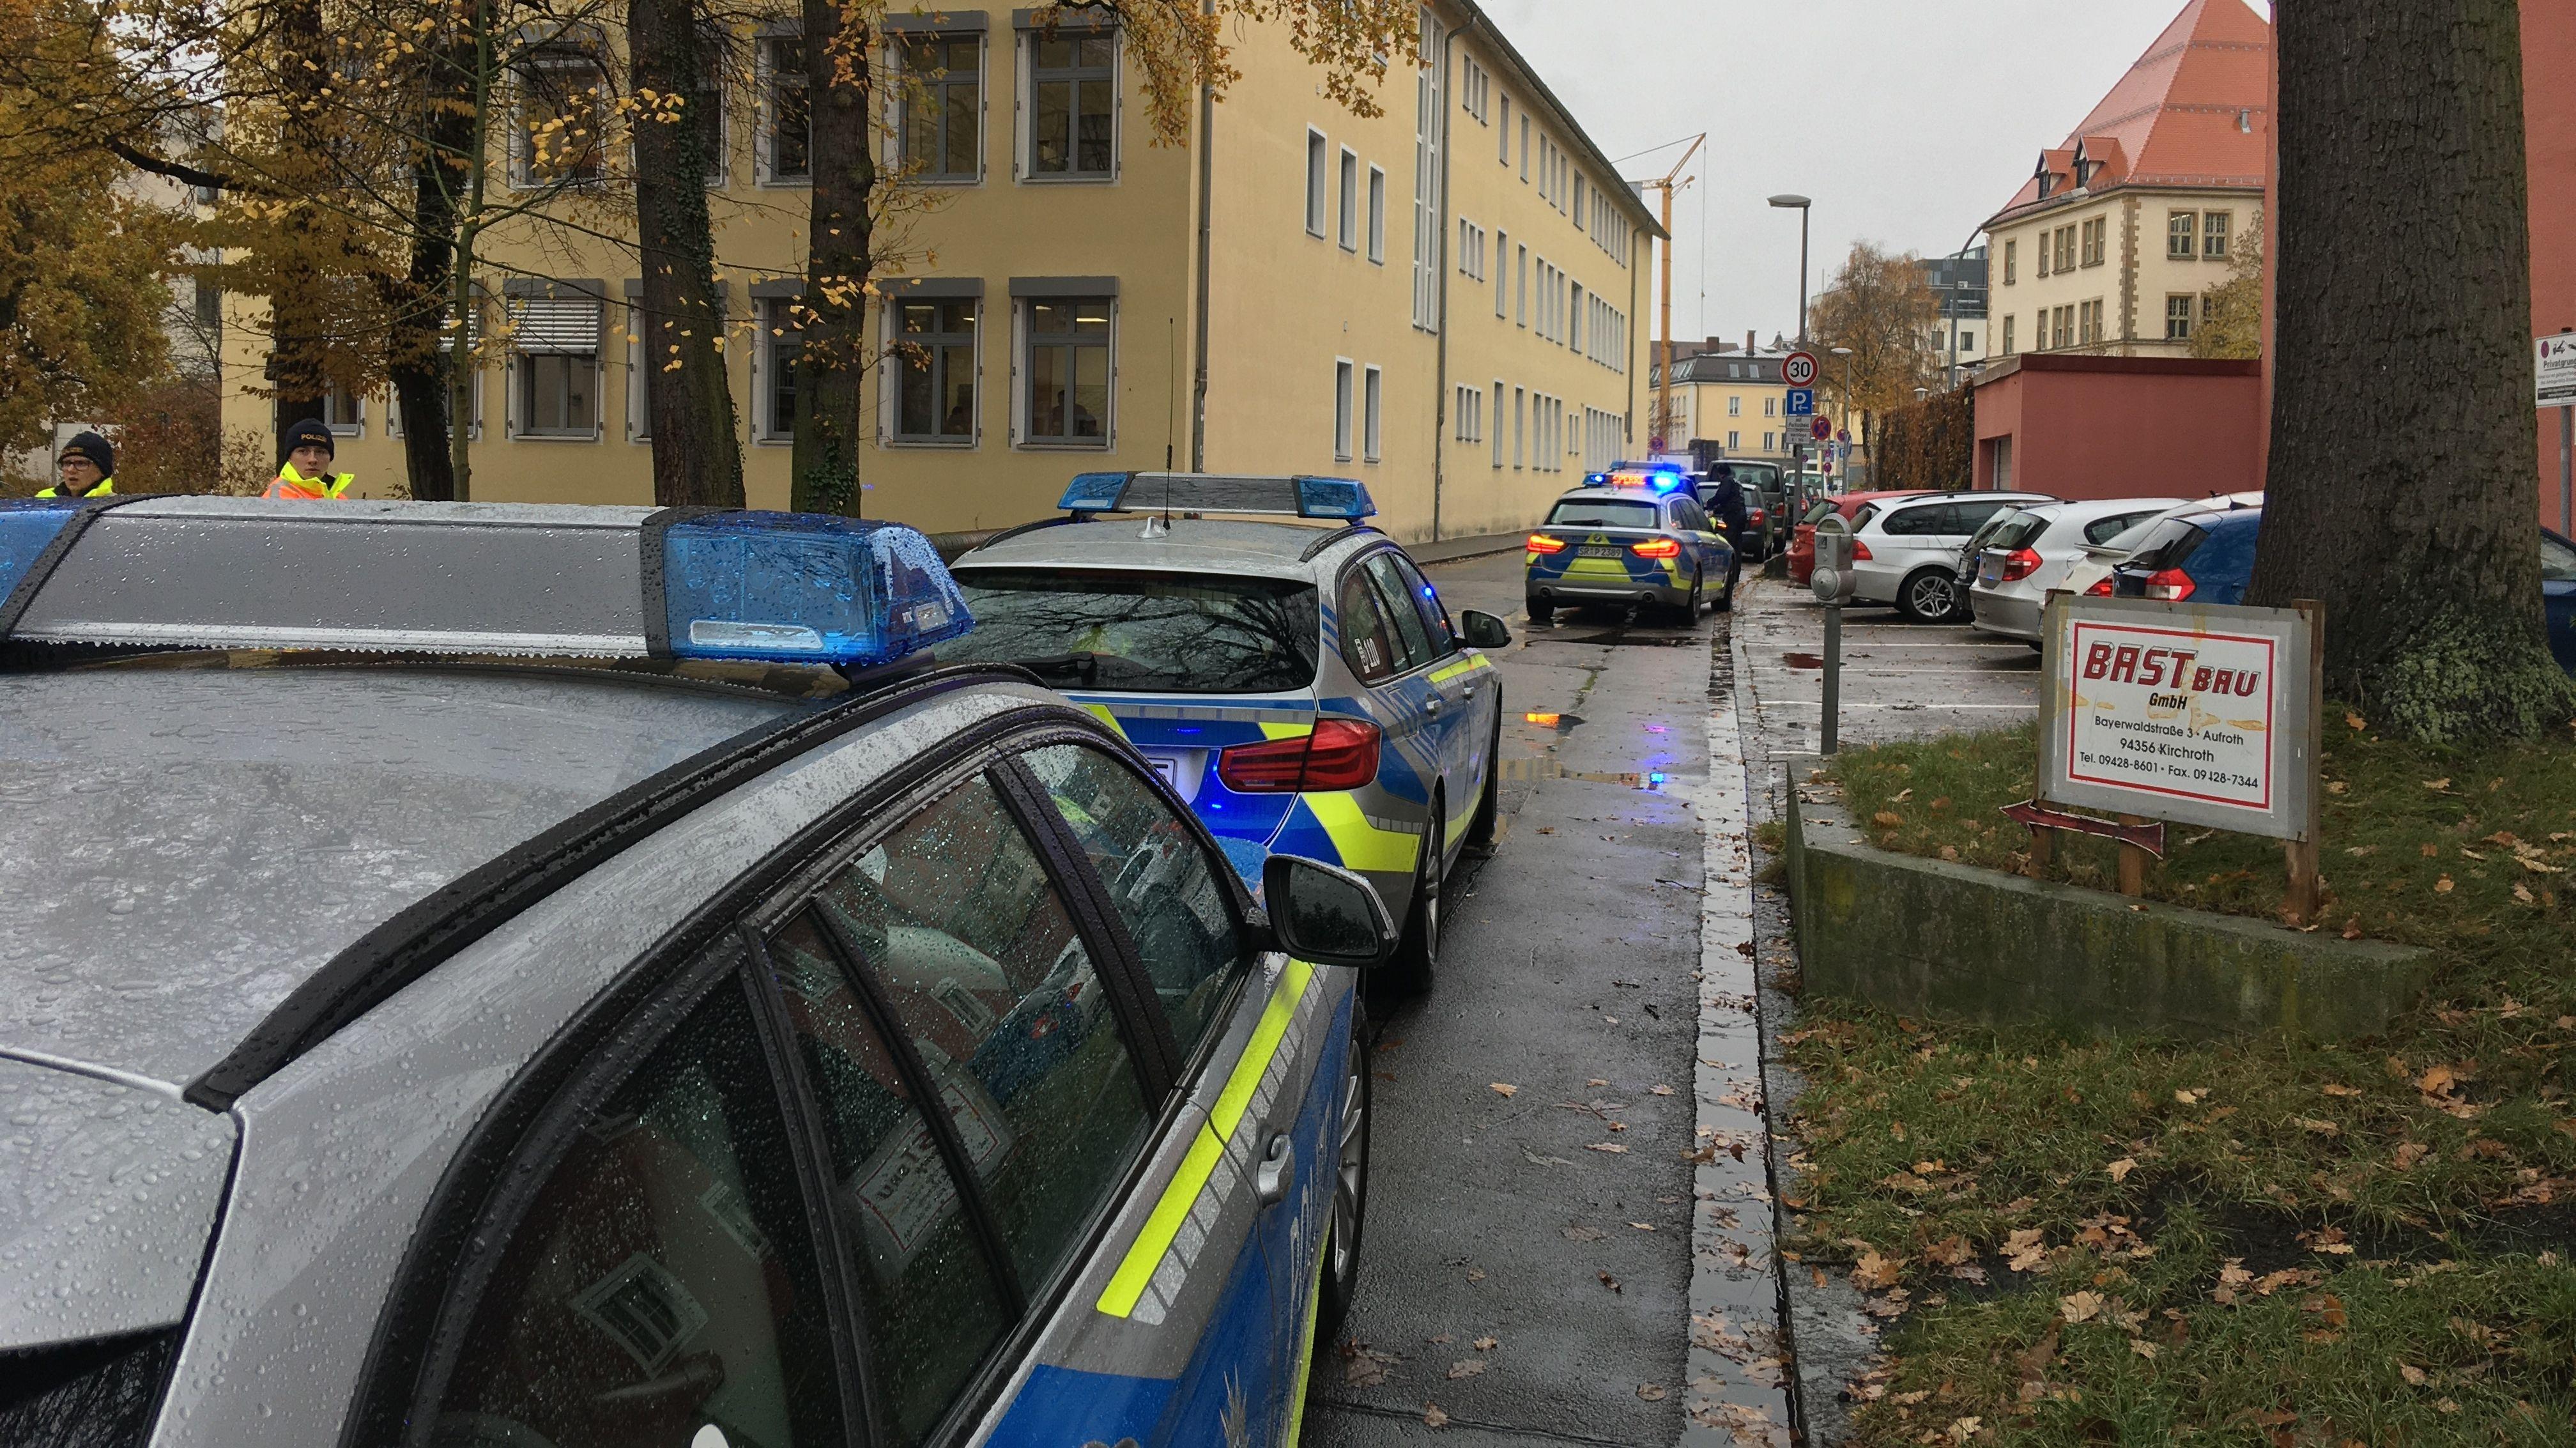 Bombendrohung in Straubing: Einsatz beendet